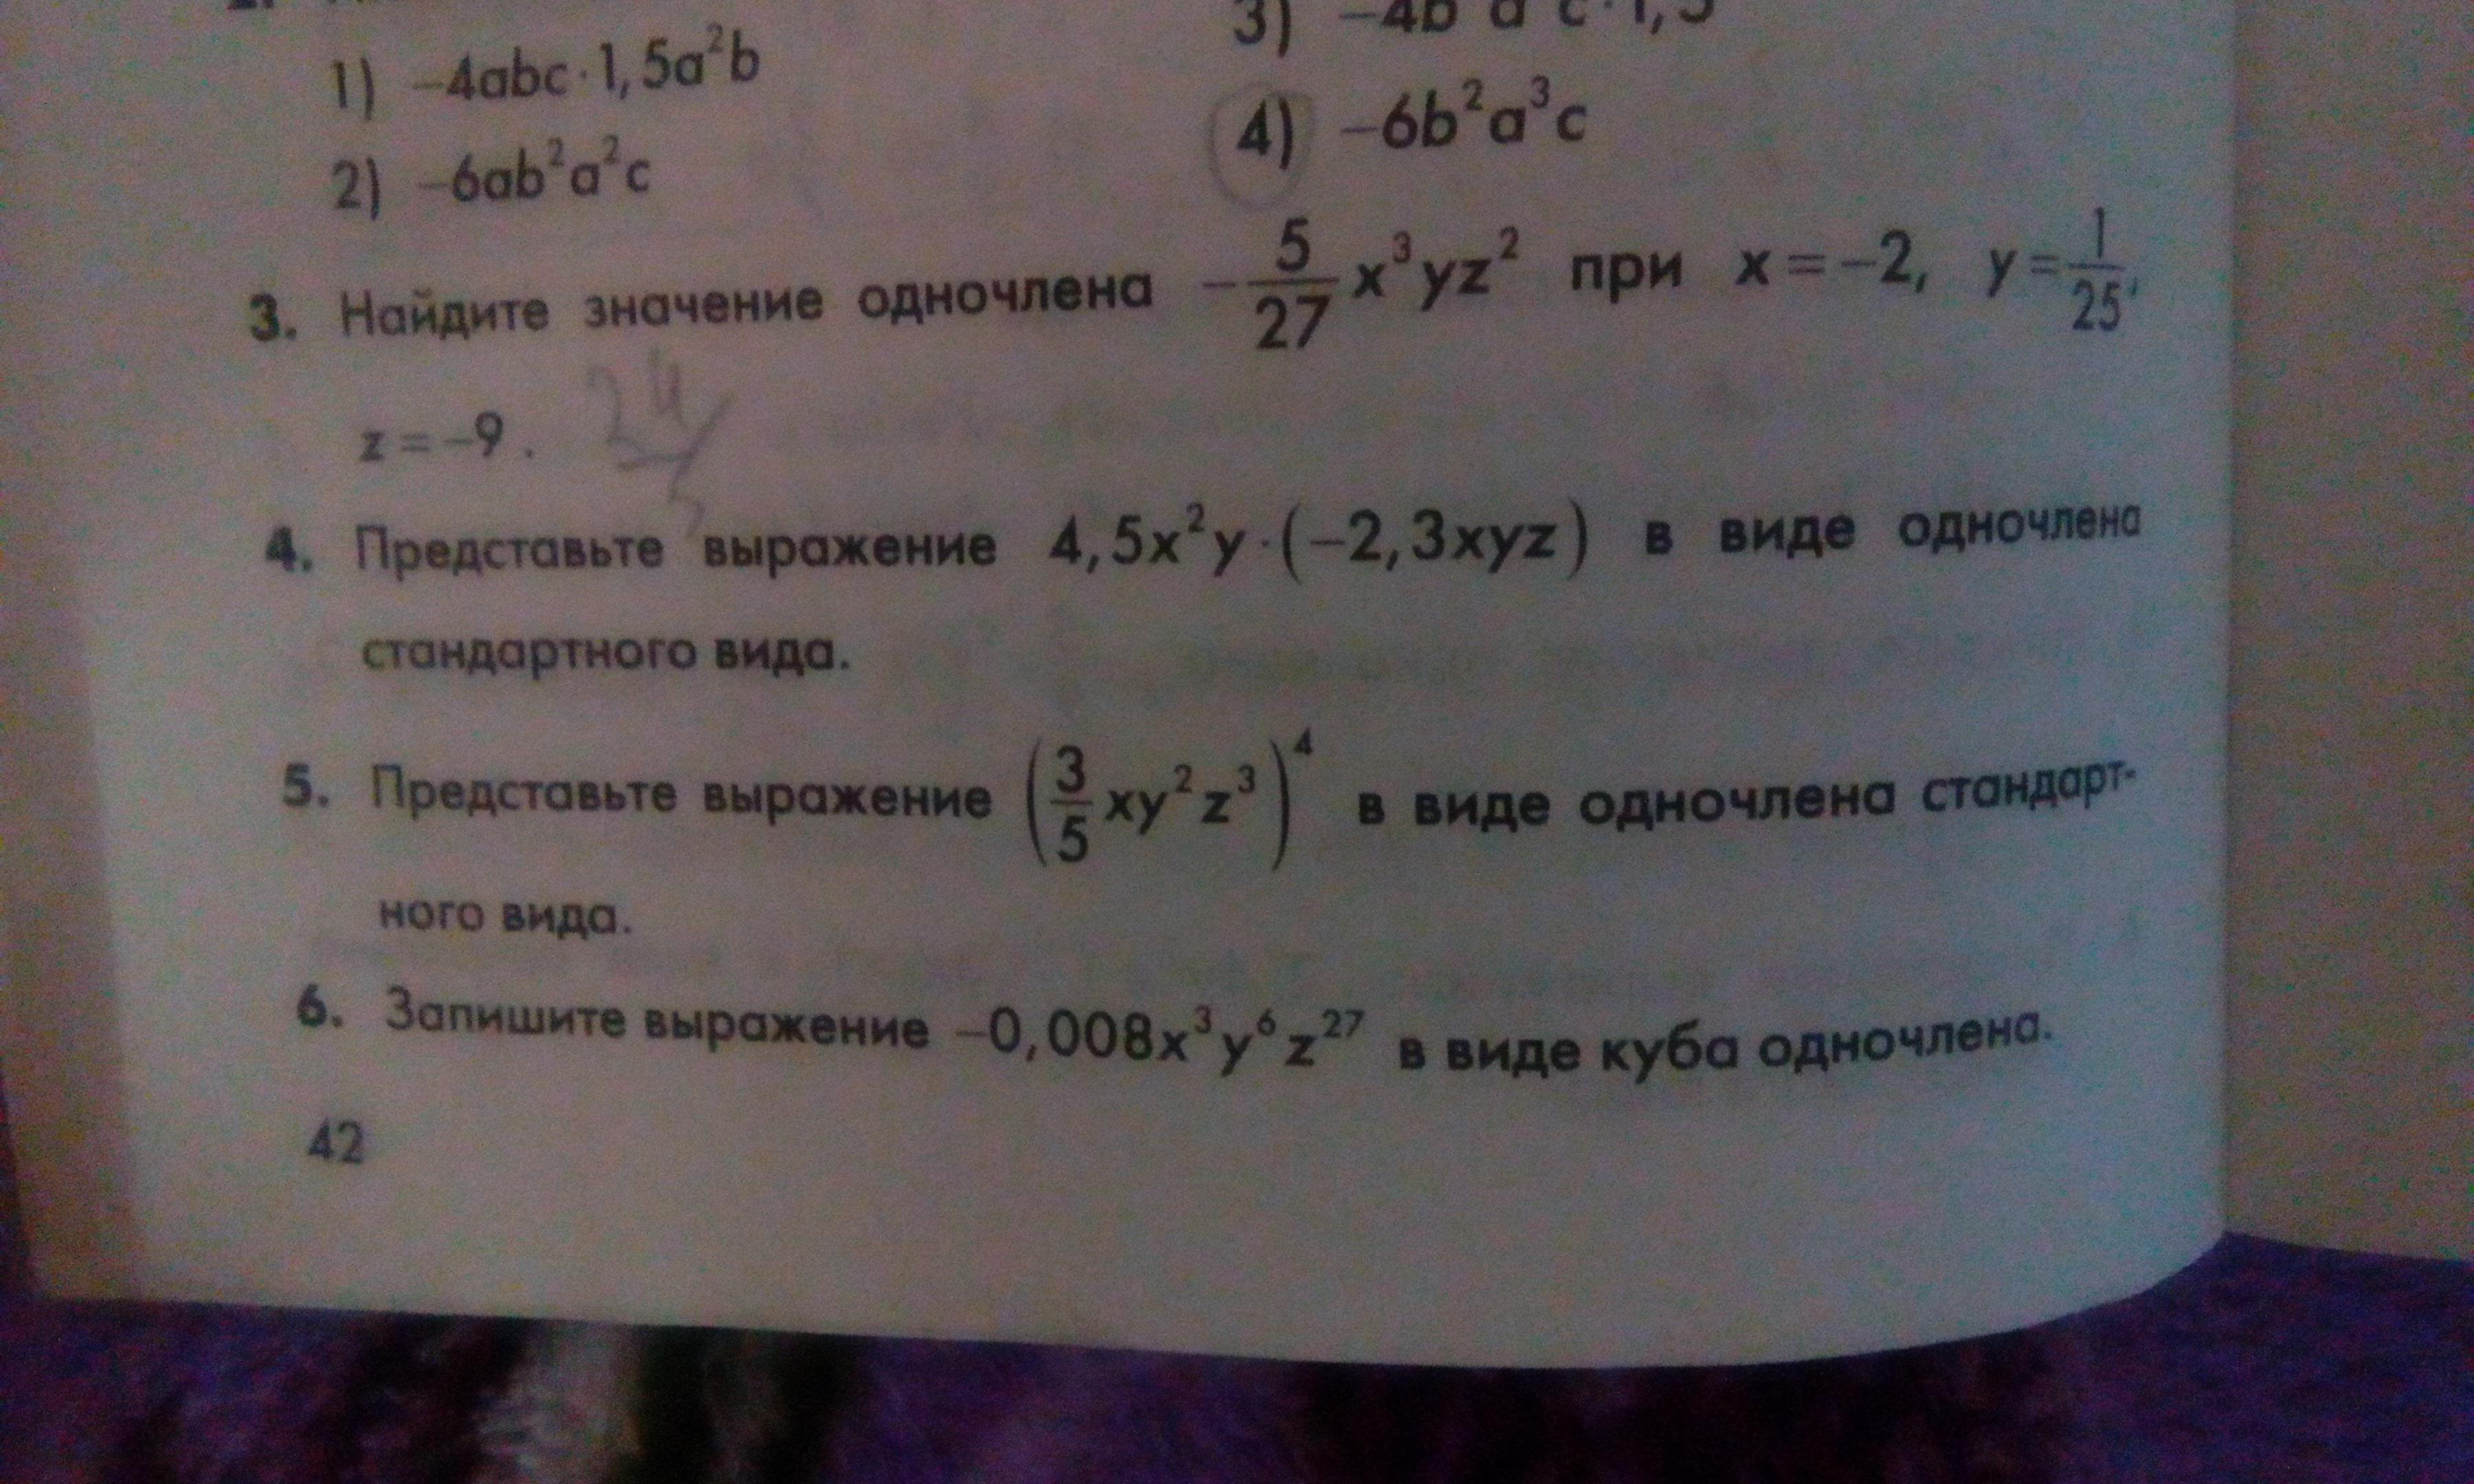 Помогите подробно расписать решение (4, 5, 6, 7)?